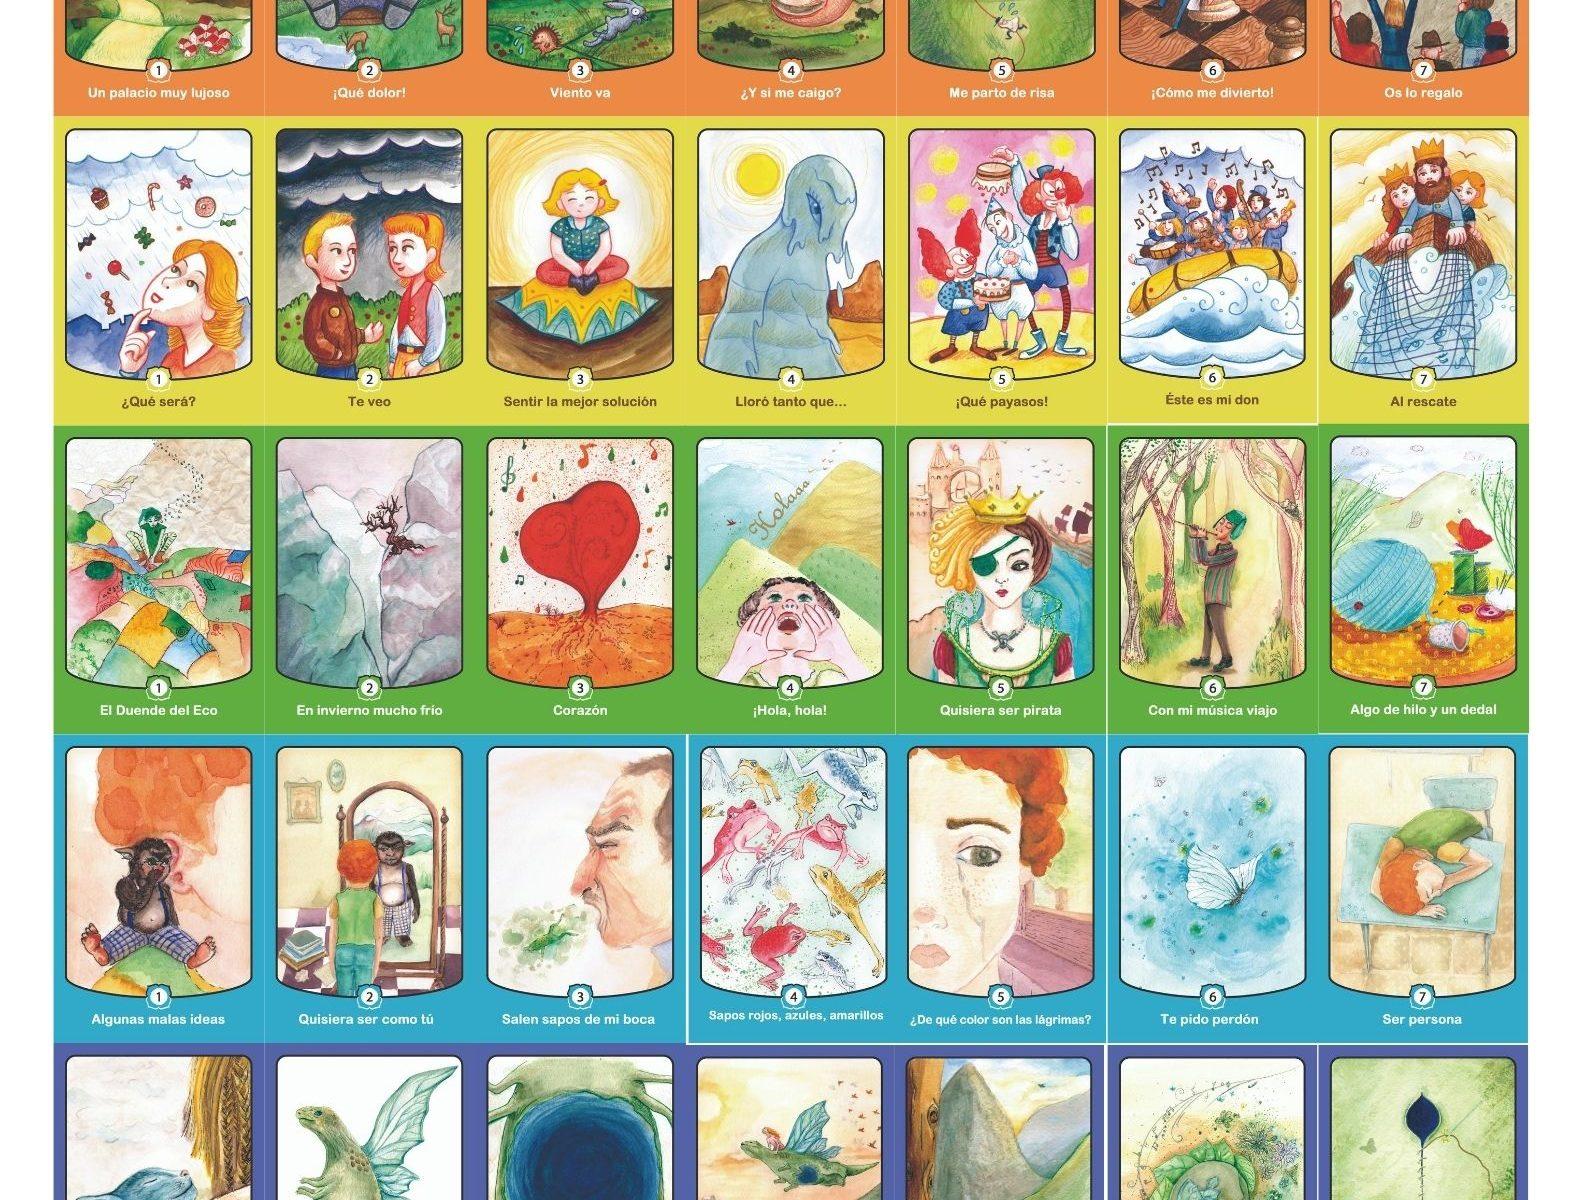 Cartas para crear jugando de Siete cuentos para crecer